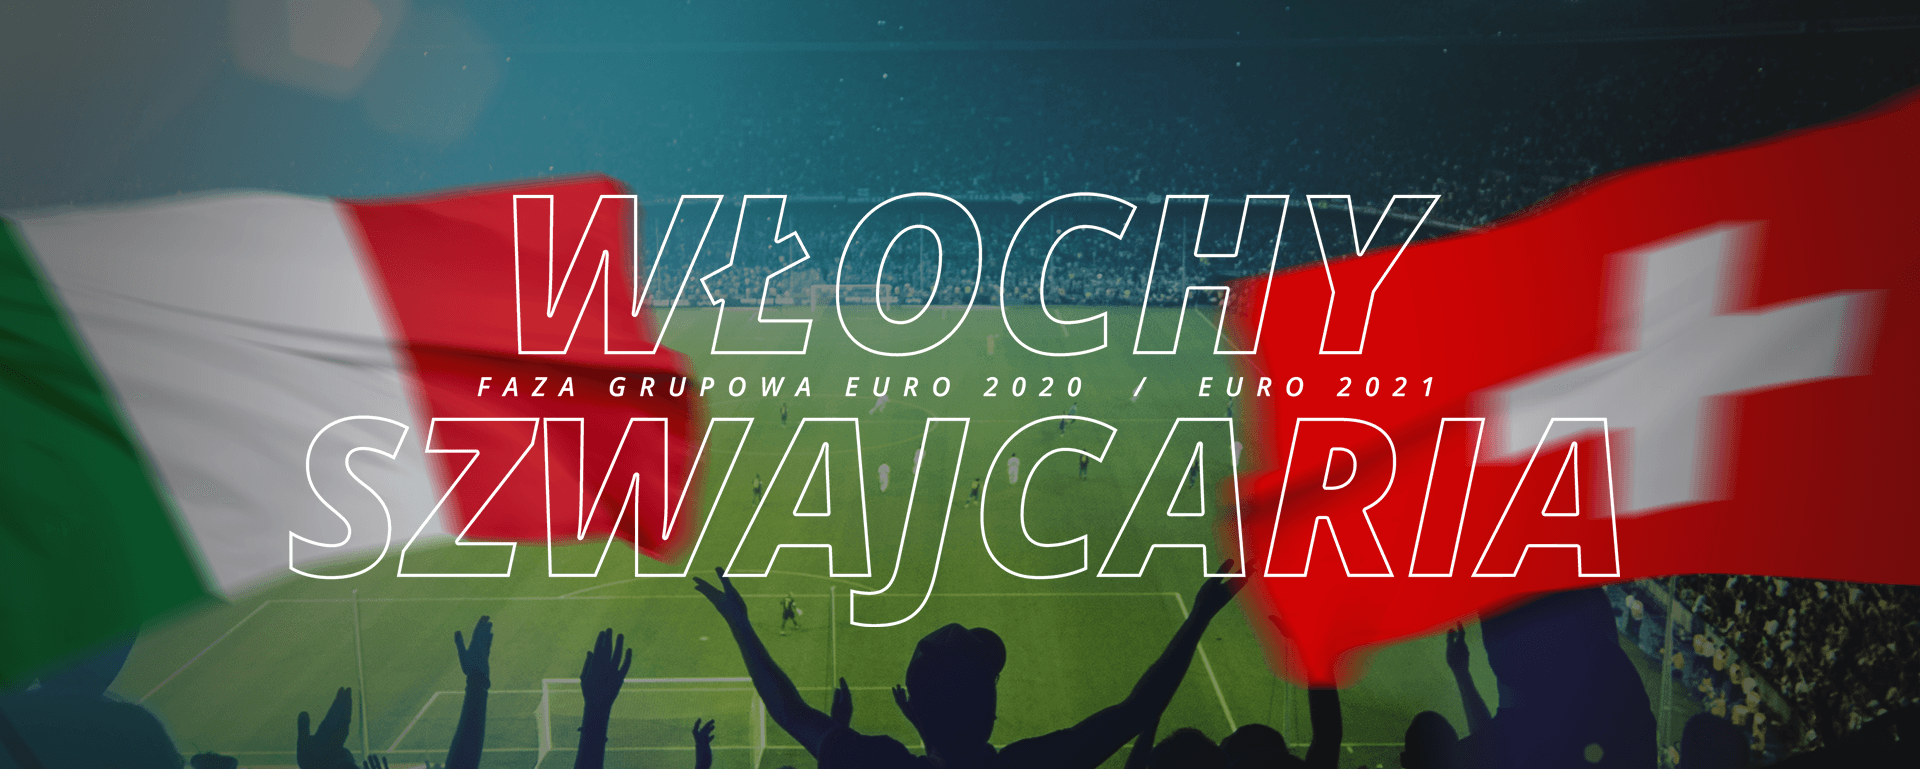 Włochy – Szwajcaria | faza grupowa Euro 2020 / Euro 2021